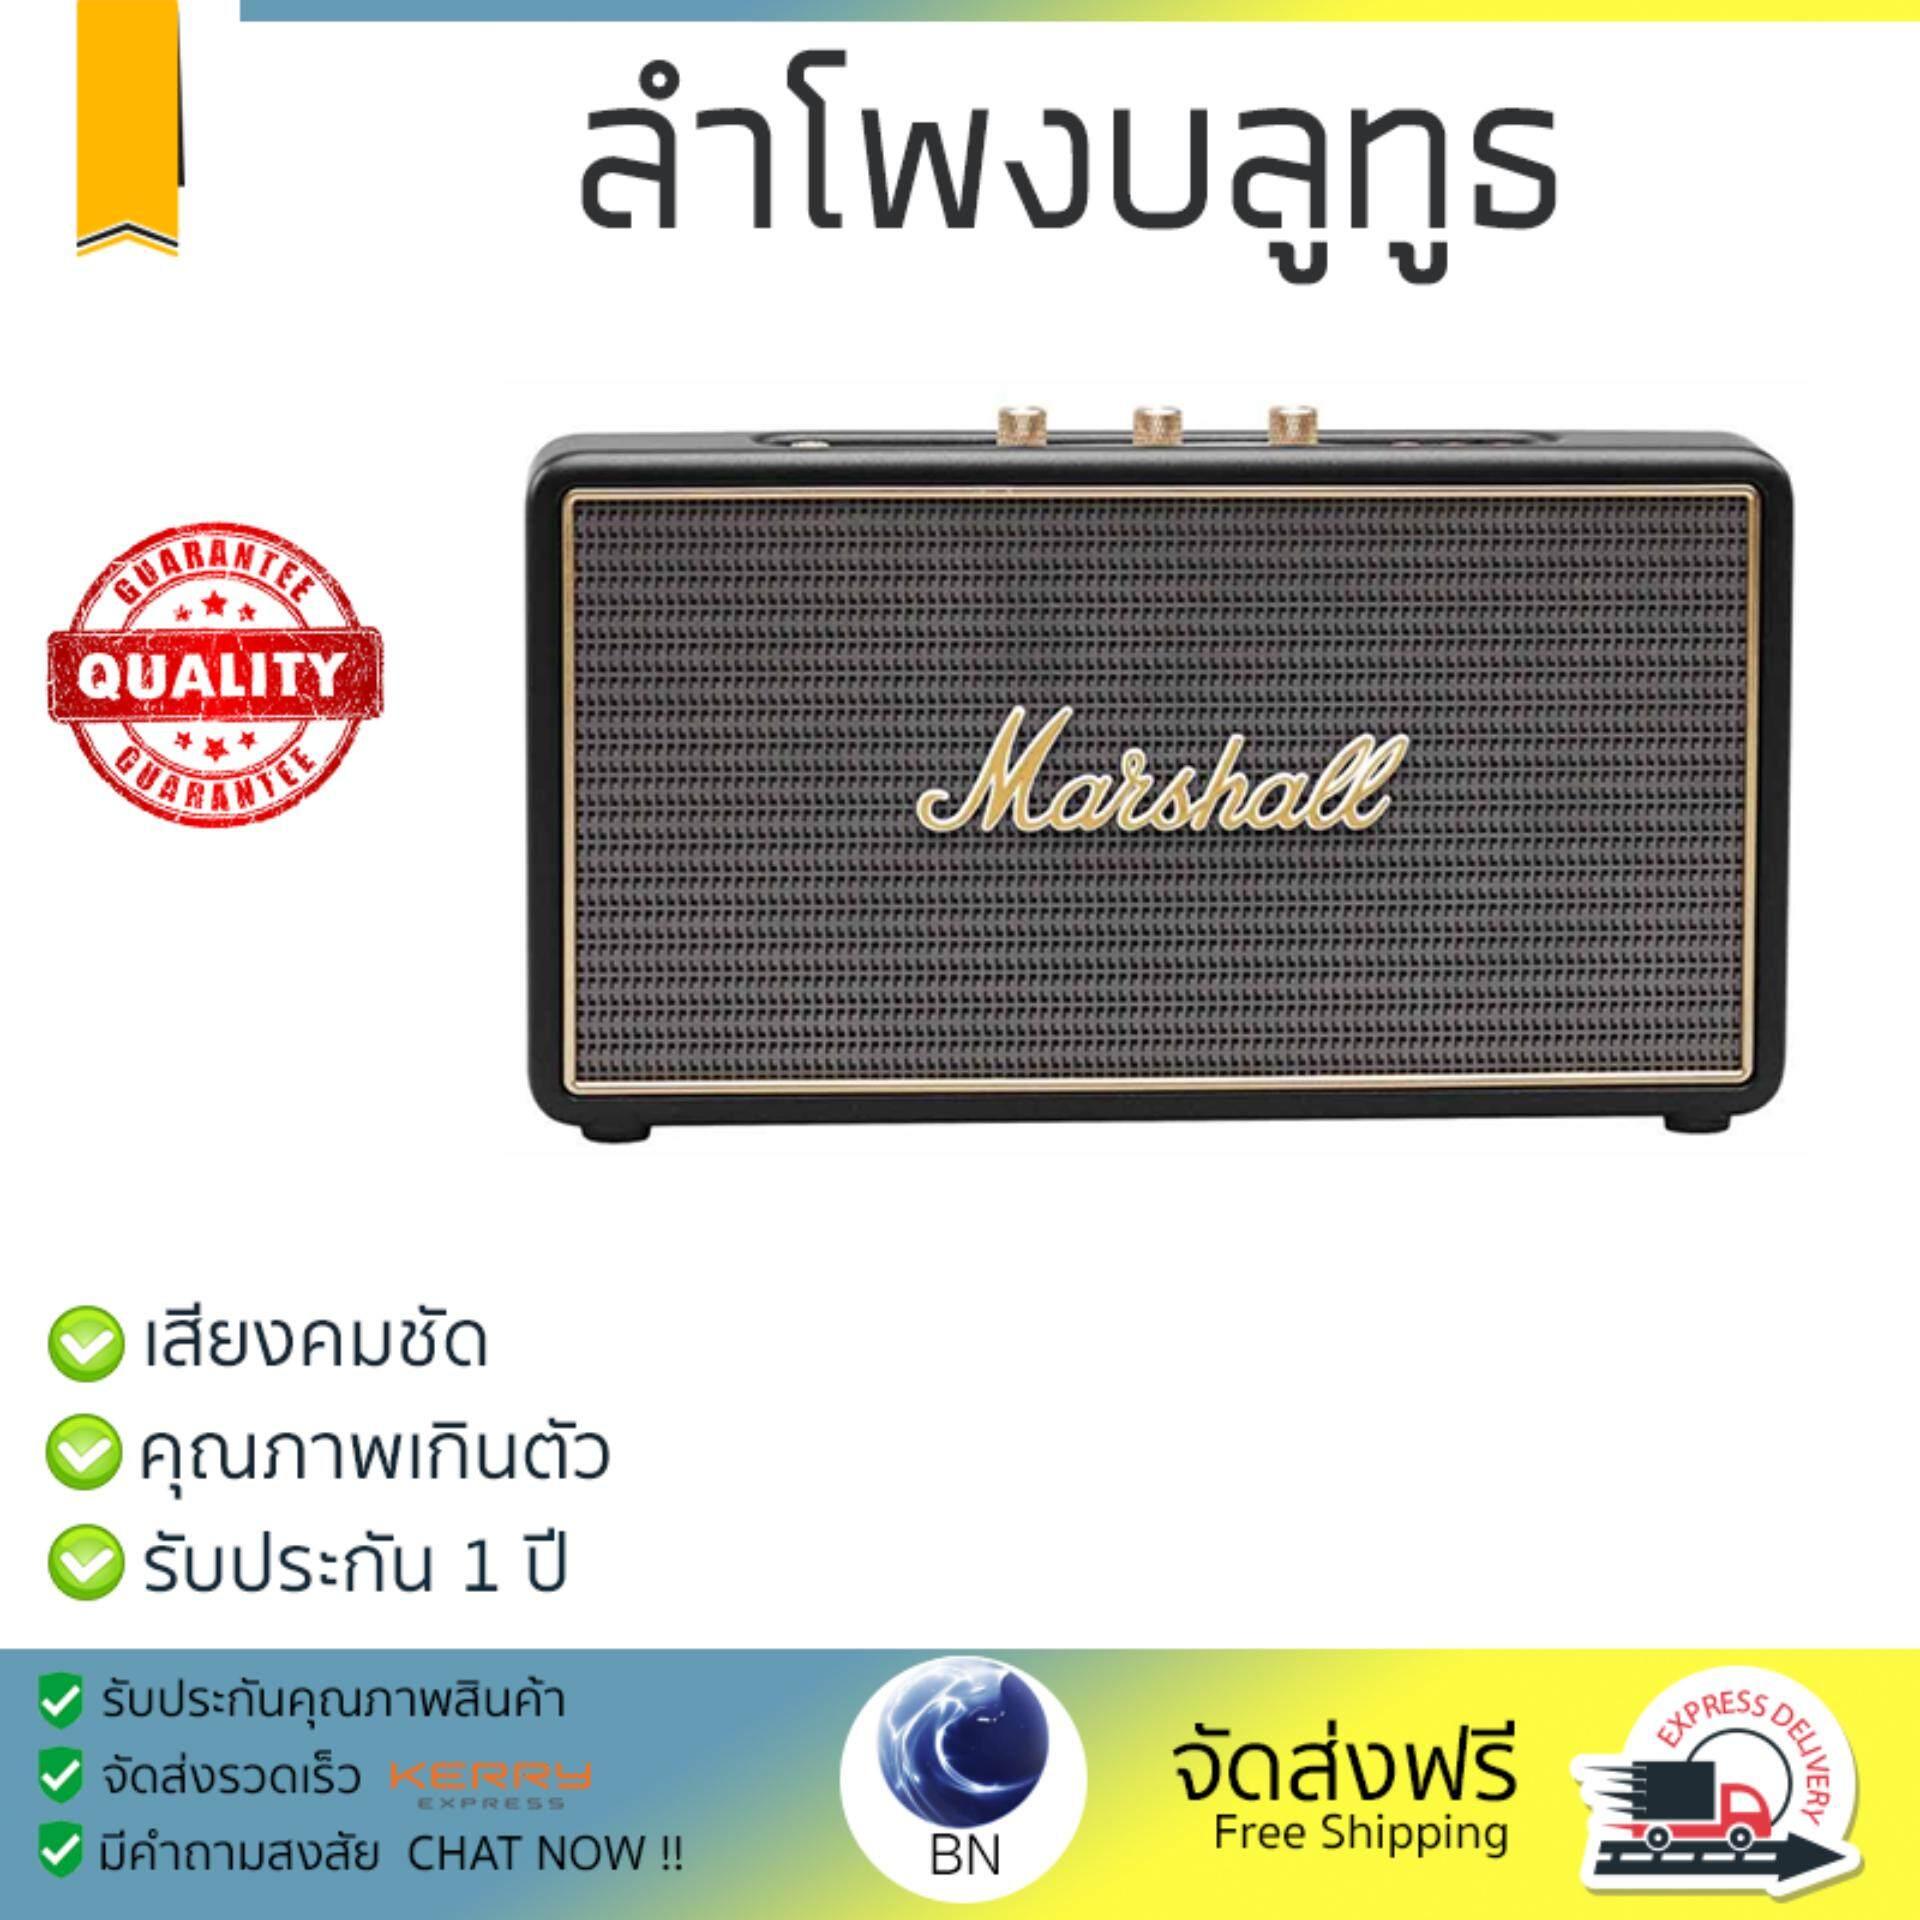 การใช้งาน  จัดส่งฟรี ลำโพงบลูทูธ  Marshall Bluetooth Speaker 2.1 Stockwell Black เสียงใส คุณภาพเกินตัว Wireless Bluetooth Speaker รับประกัน 1 ปี